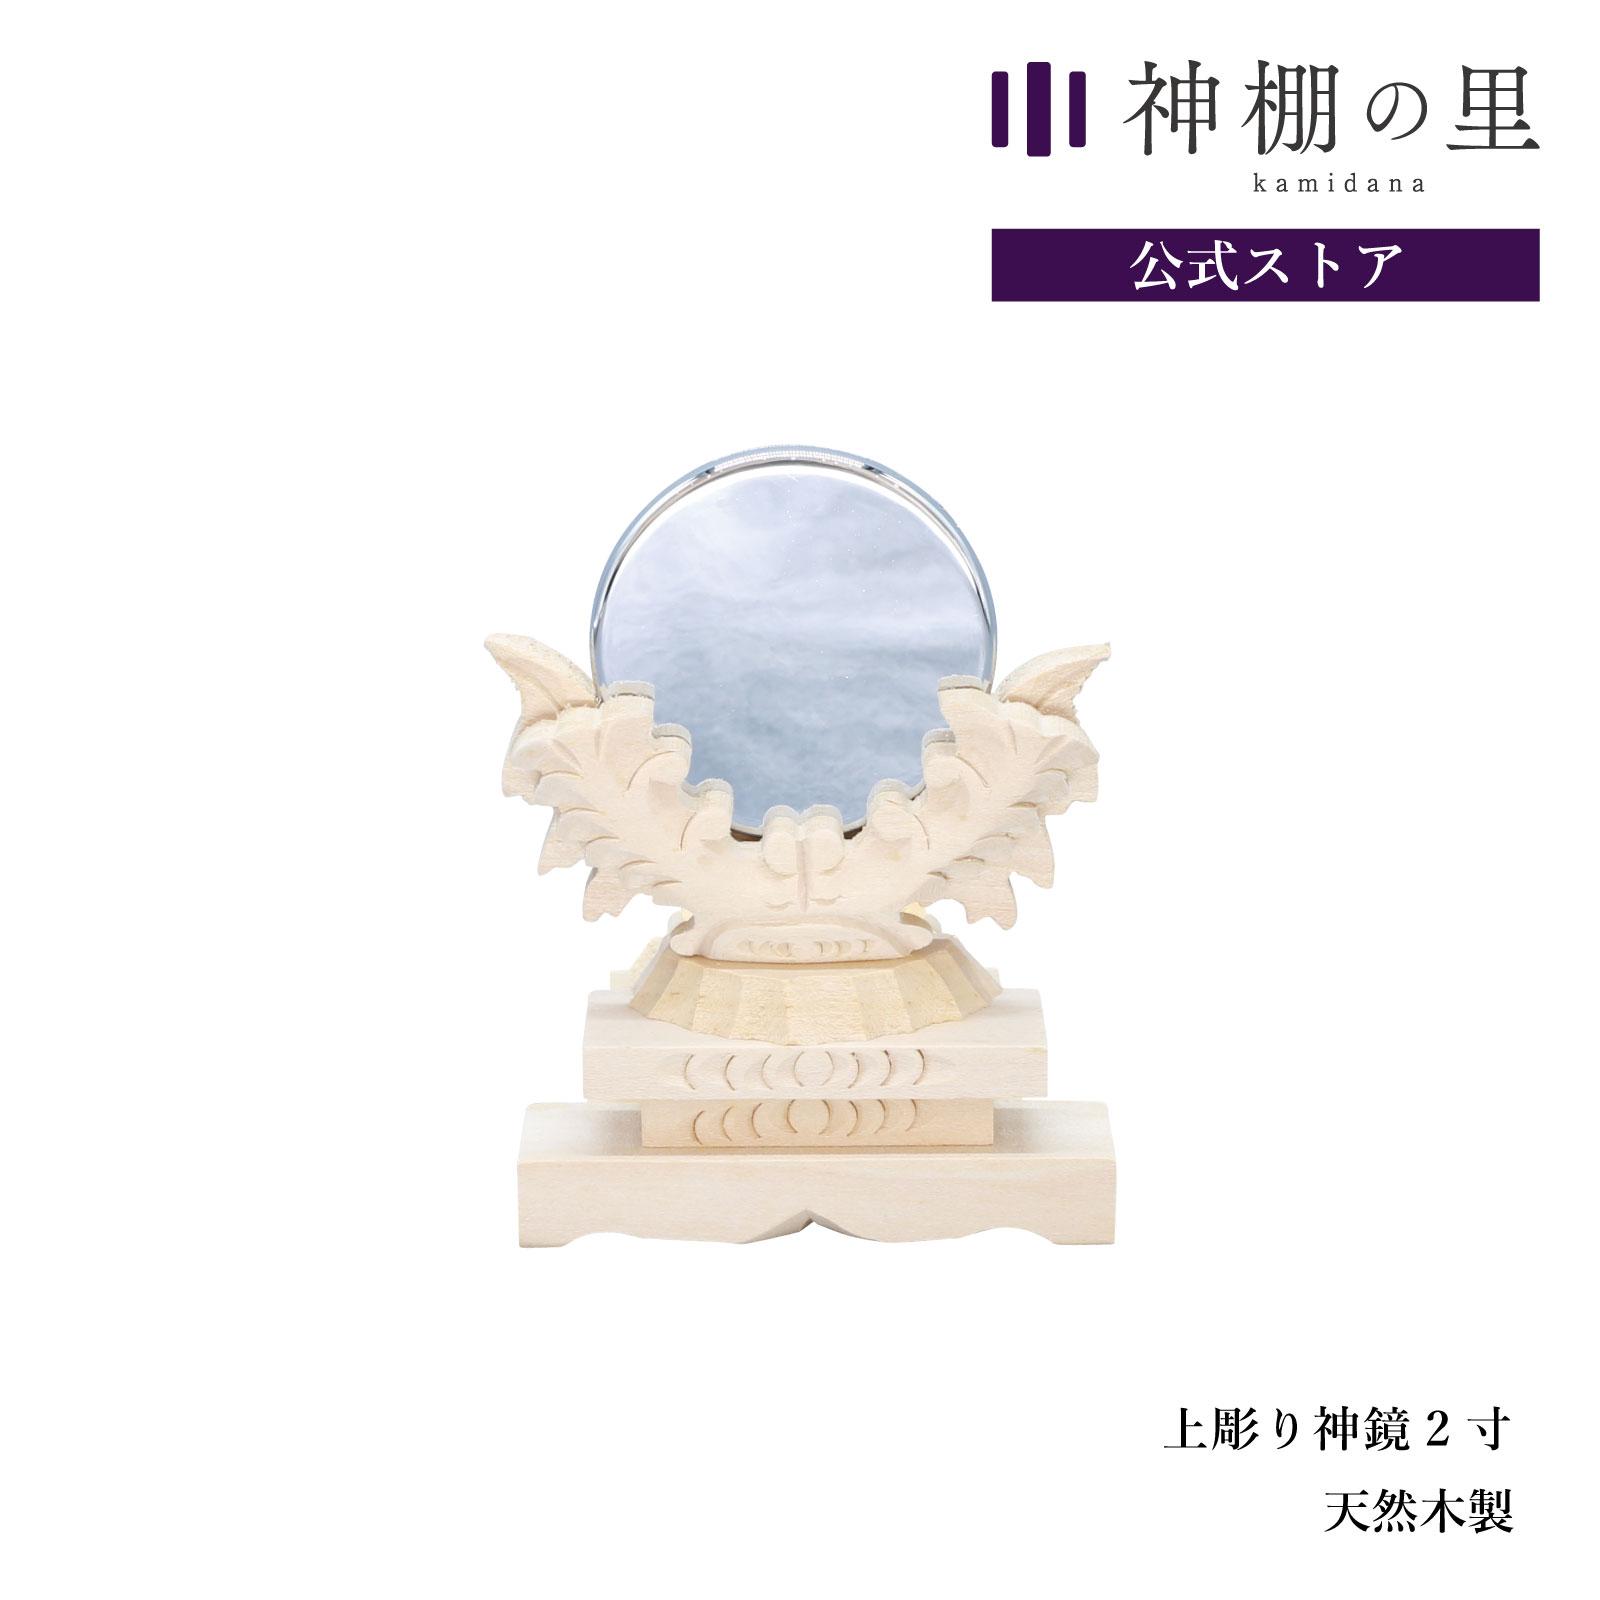 神棚をお祀りする際に必要な神具 神棚の里【公式】 神棚 神具 神鏡 上彫り神鏡 2寸 高級 鏡 彫刻